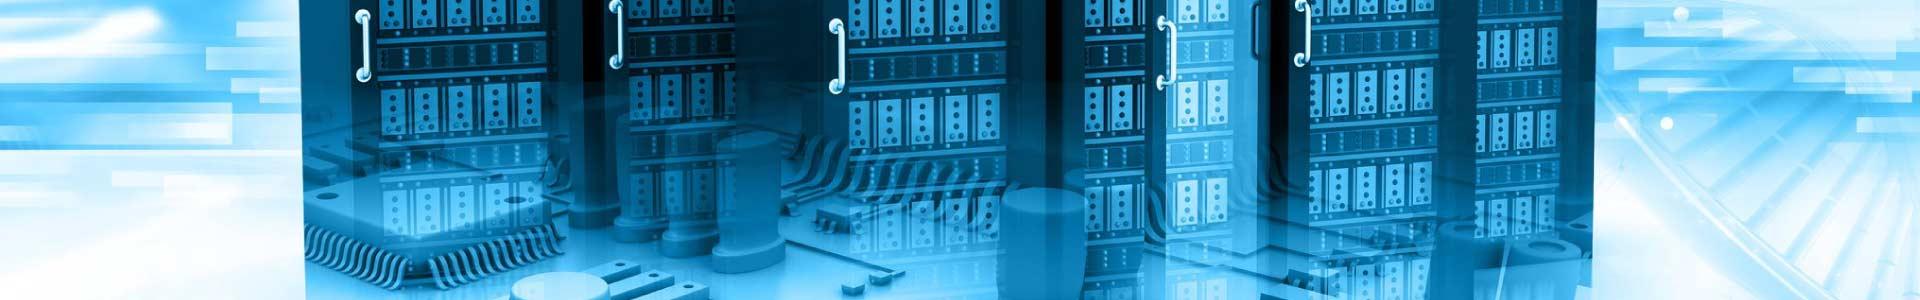 subtitulo_datacenter